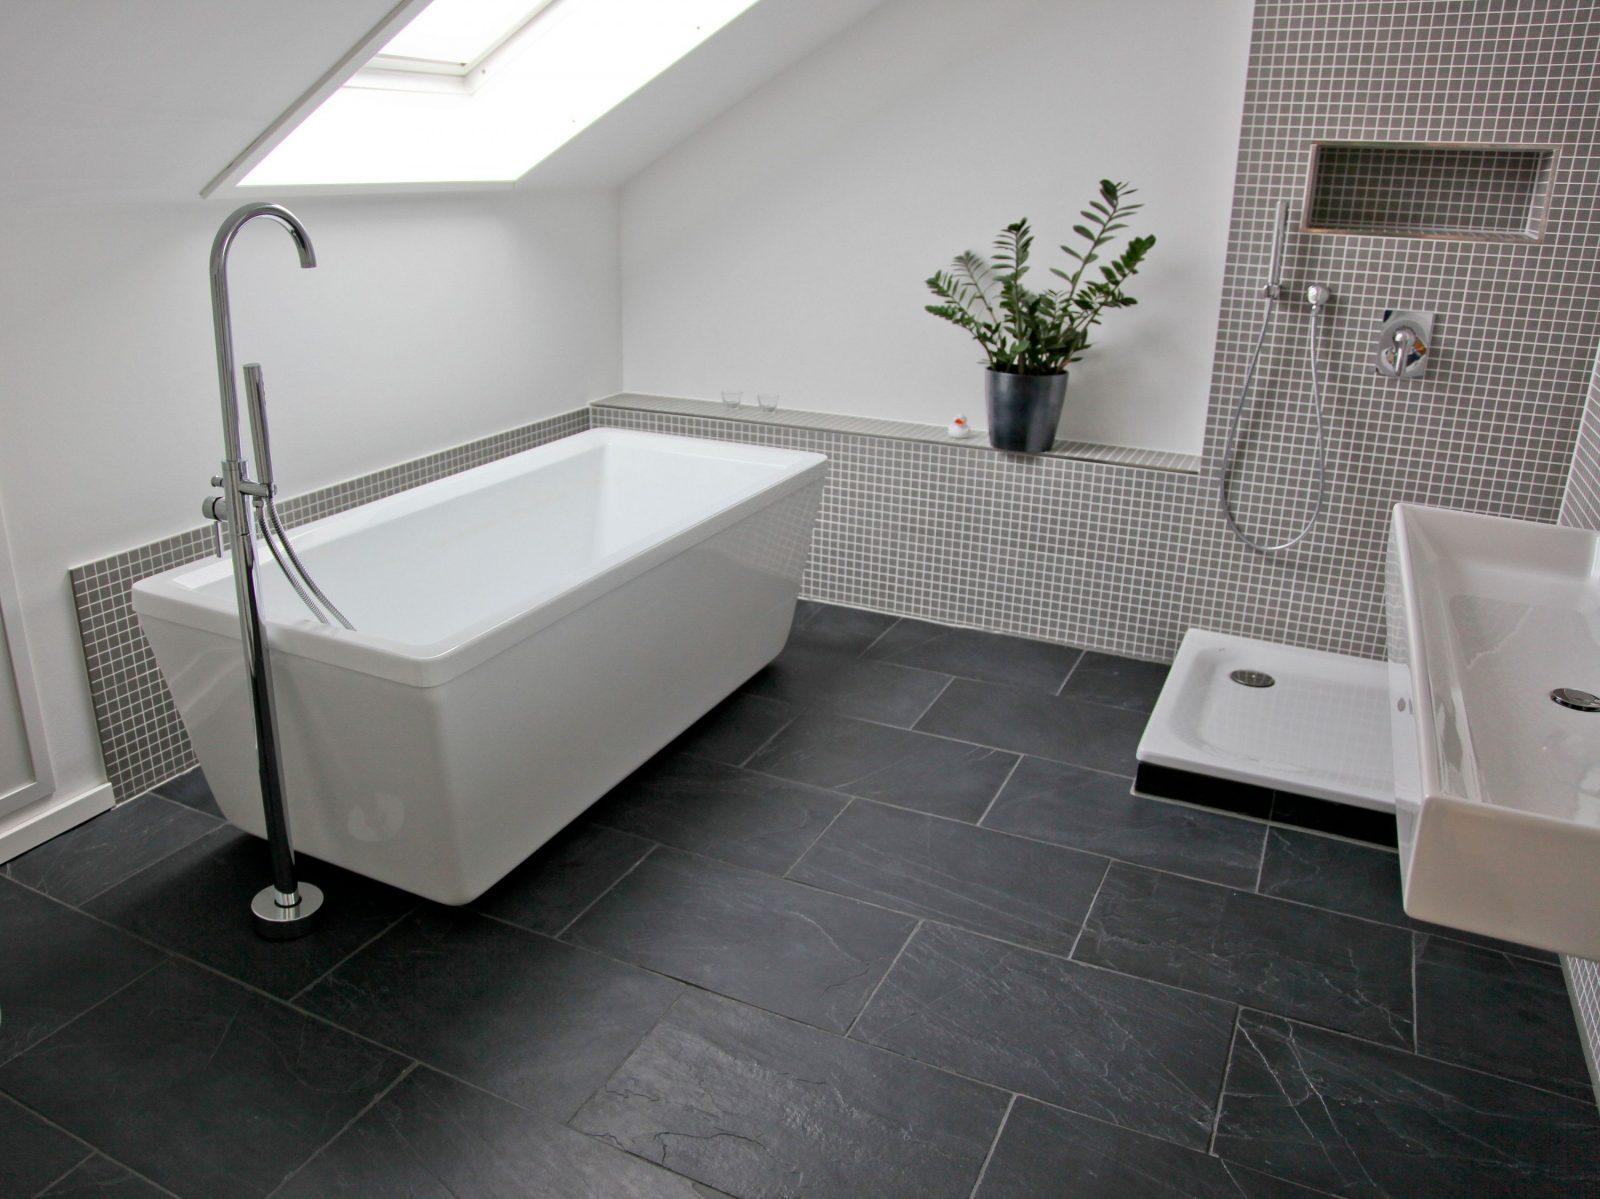 Ästhetisch Schlafzimmer Tipps Einschließlich Wandverkleidung Bad von ...